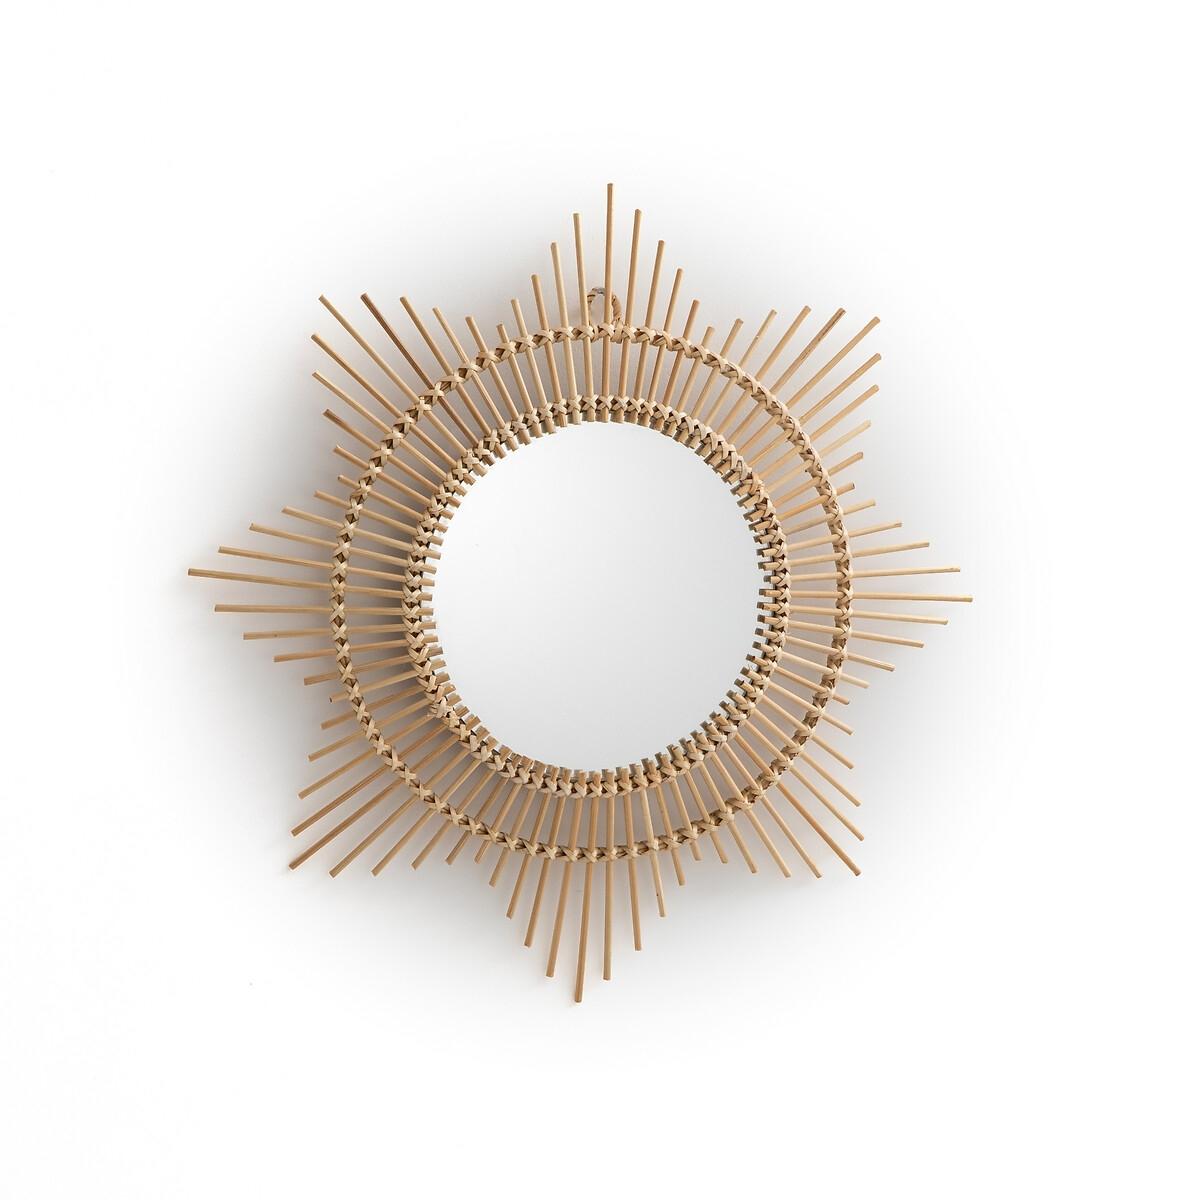 Зеркало LaRedoute Выпуклое из бамбука в форме солнца 45 Nogu единый размер бежевый